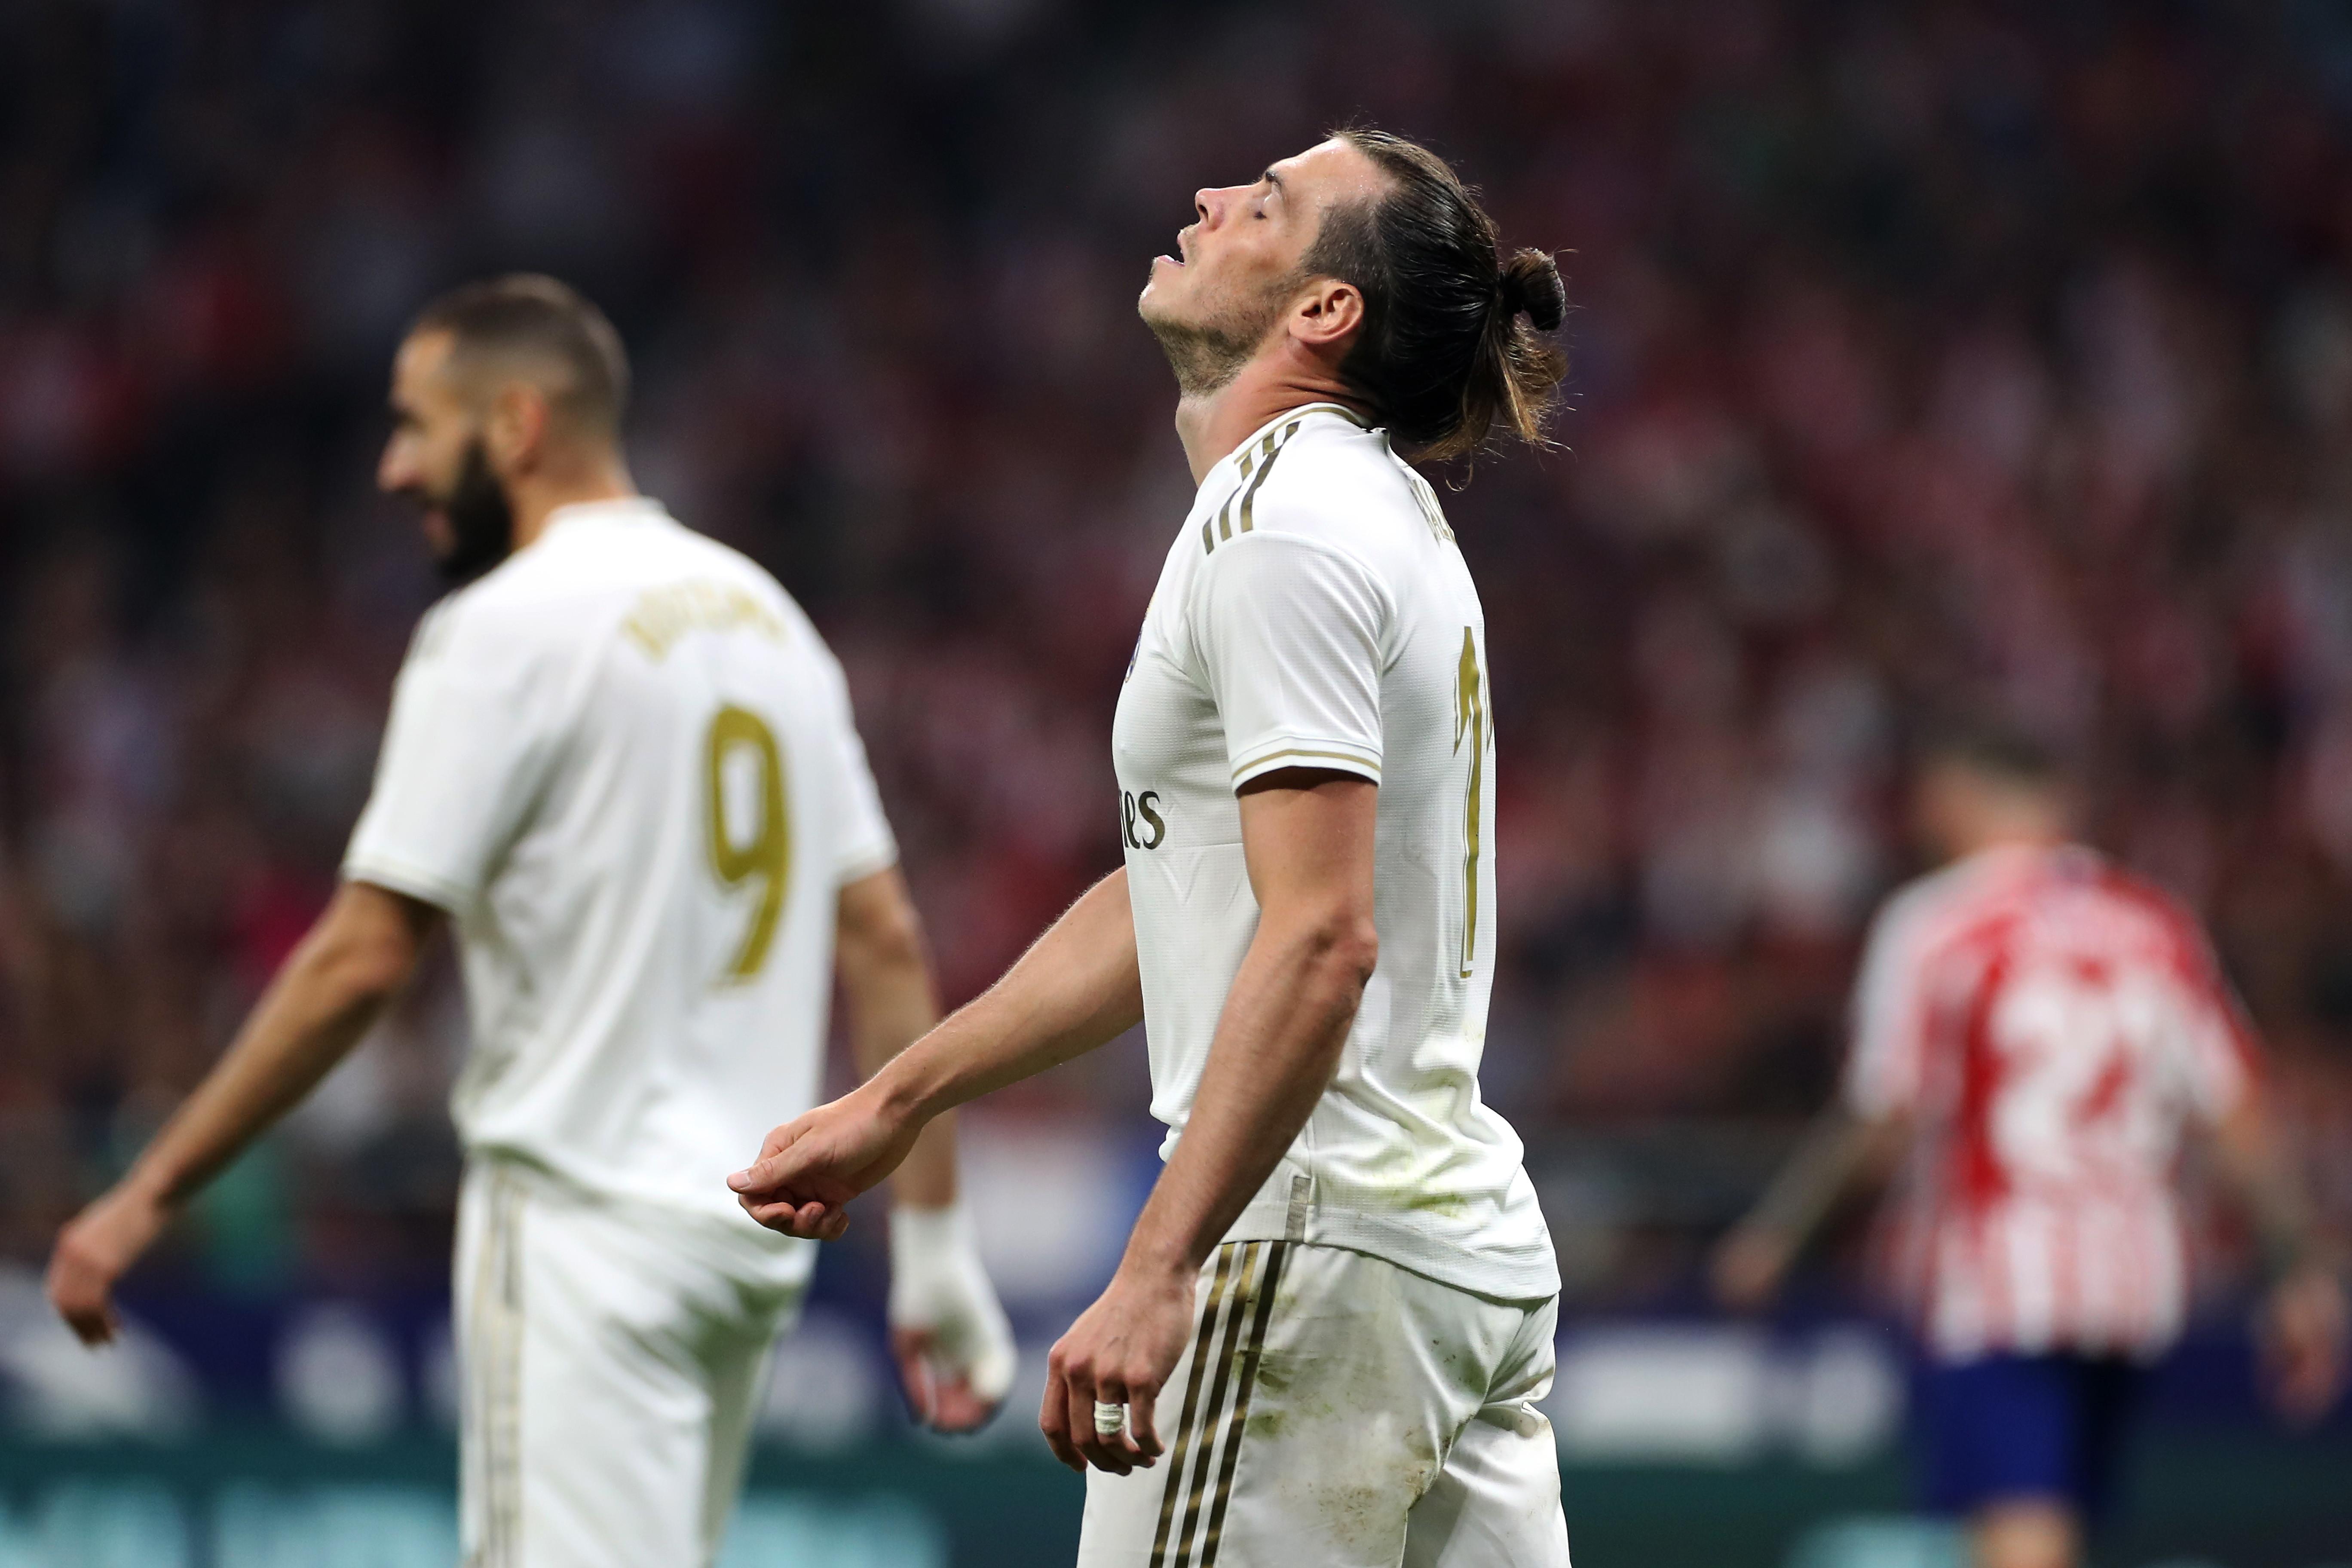 Gareth Bale (Real Madrid): sembrava dovesse lasciare il Real, è rimasto ma paga anche lo scarso feeling con Zidane